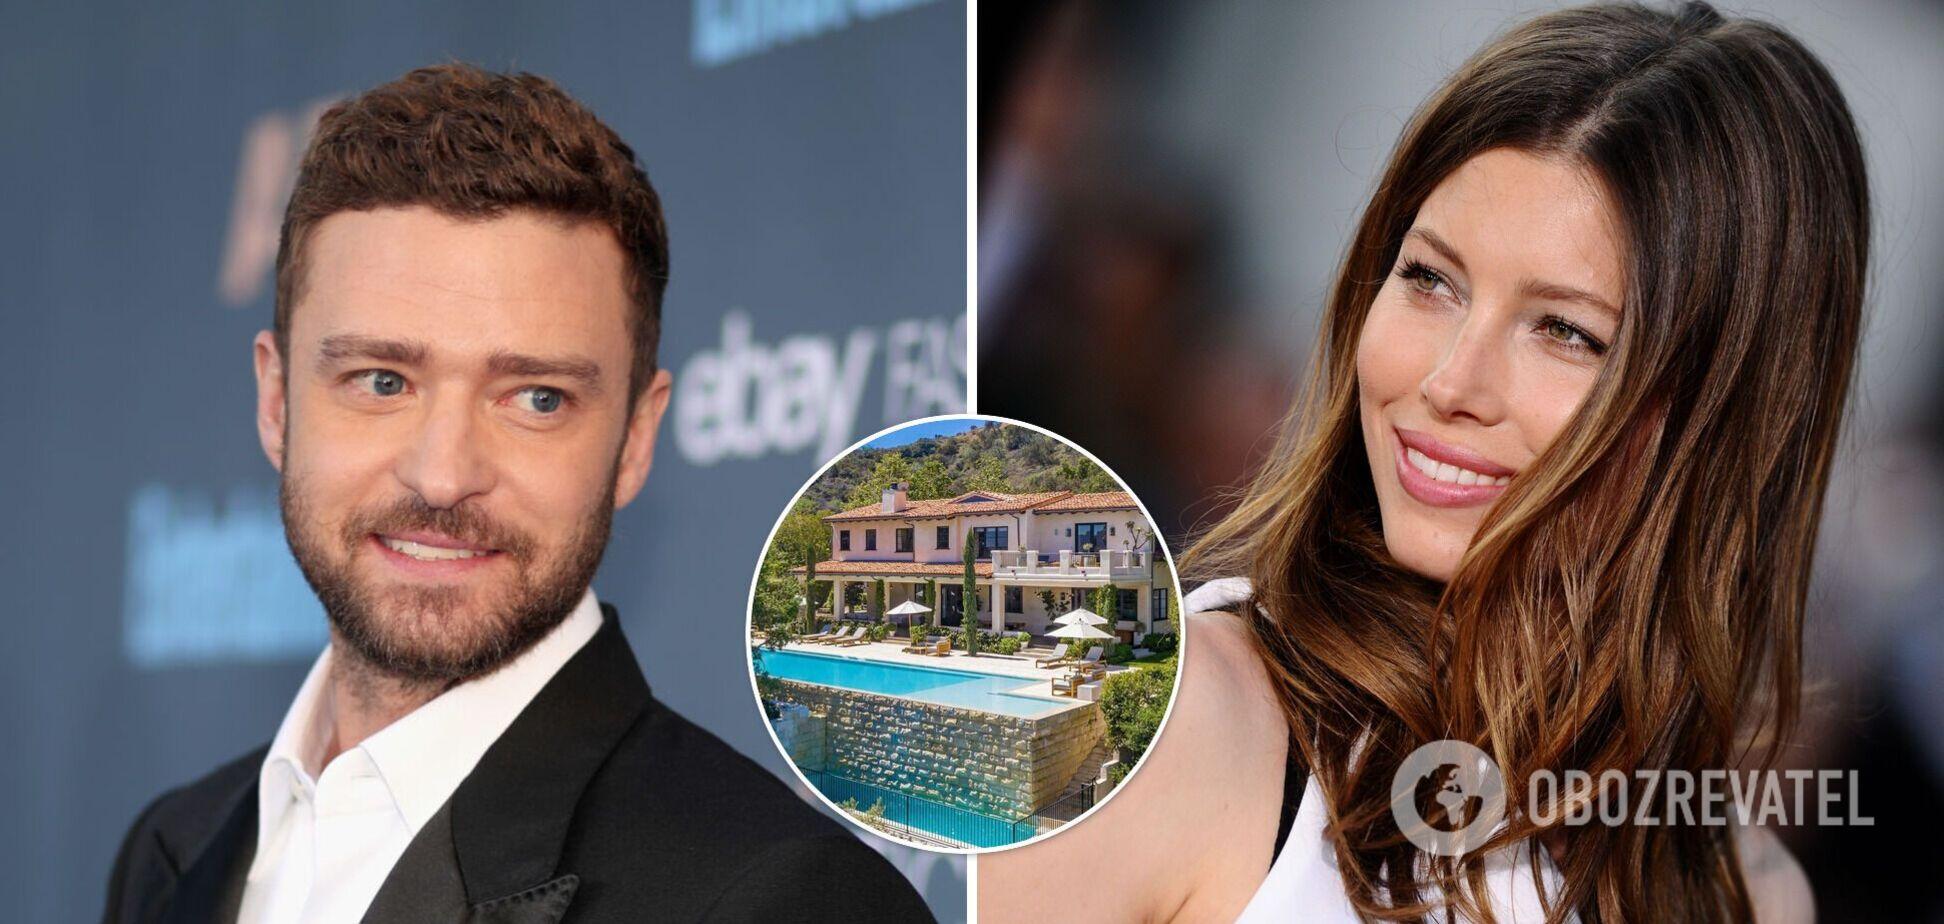 Джастин Тимберлейк выставил на продажу особняк за 35 млн долларов: как выглядит дом. Фото и видео